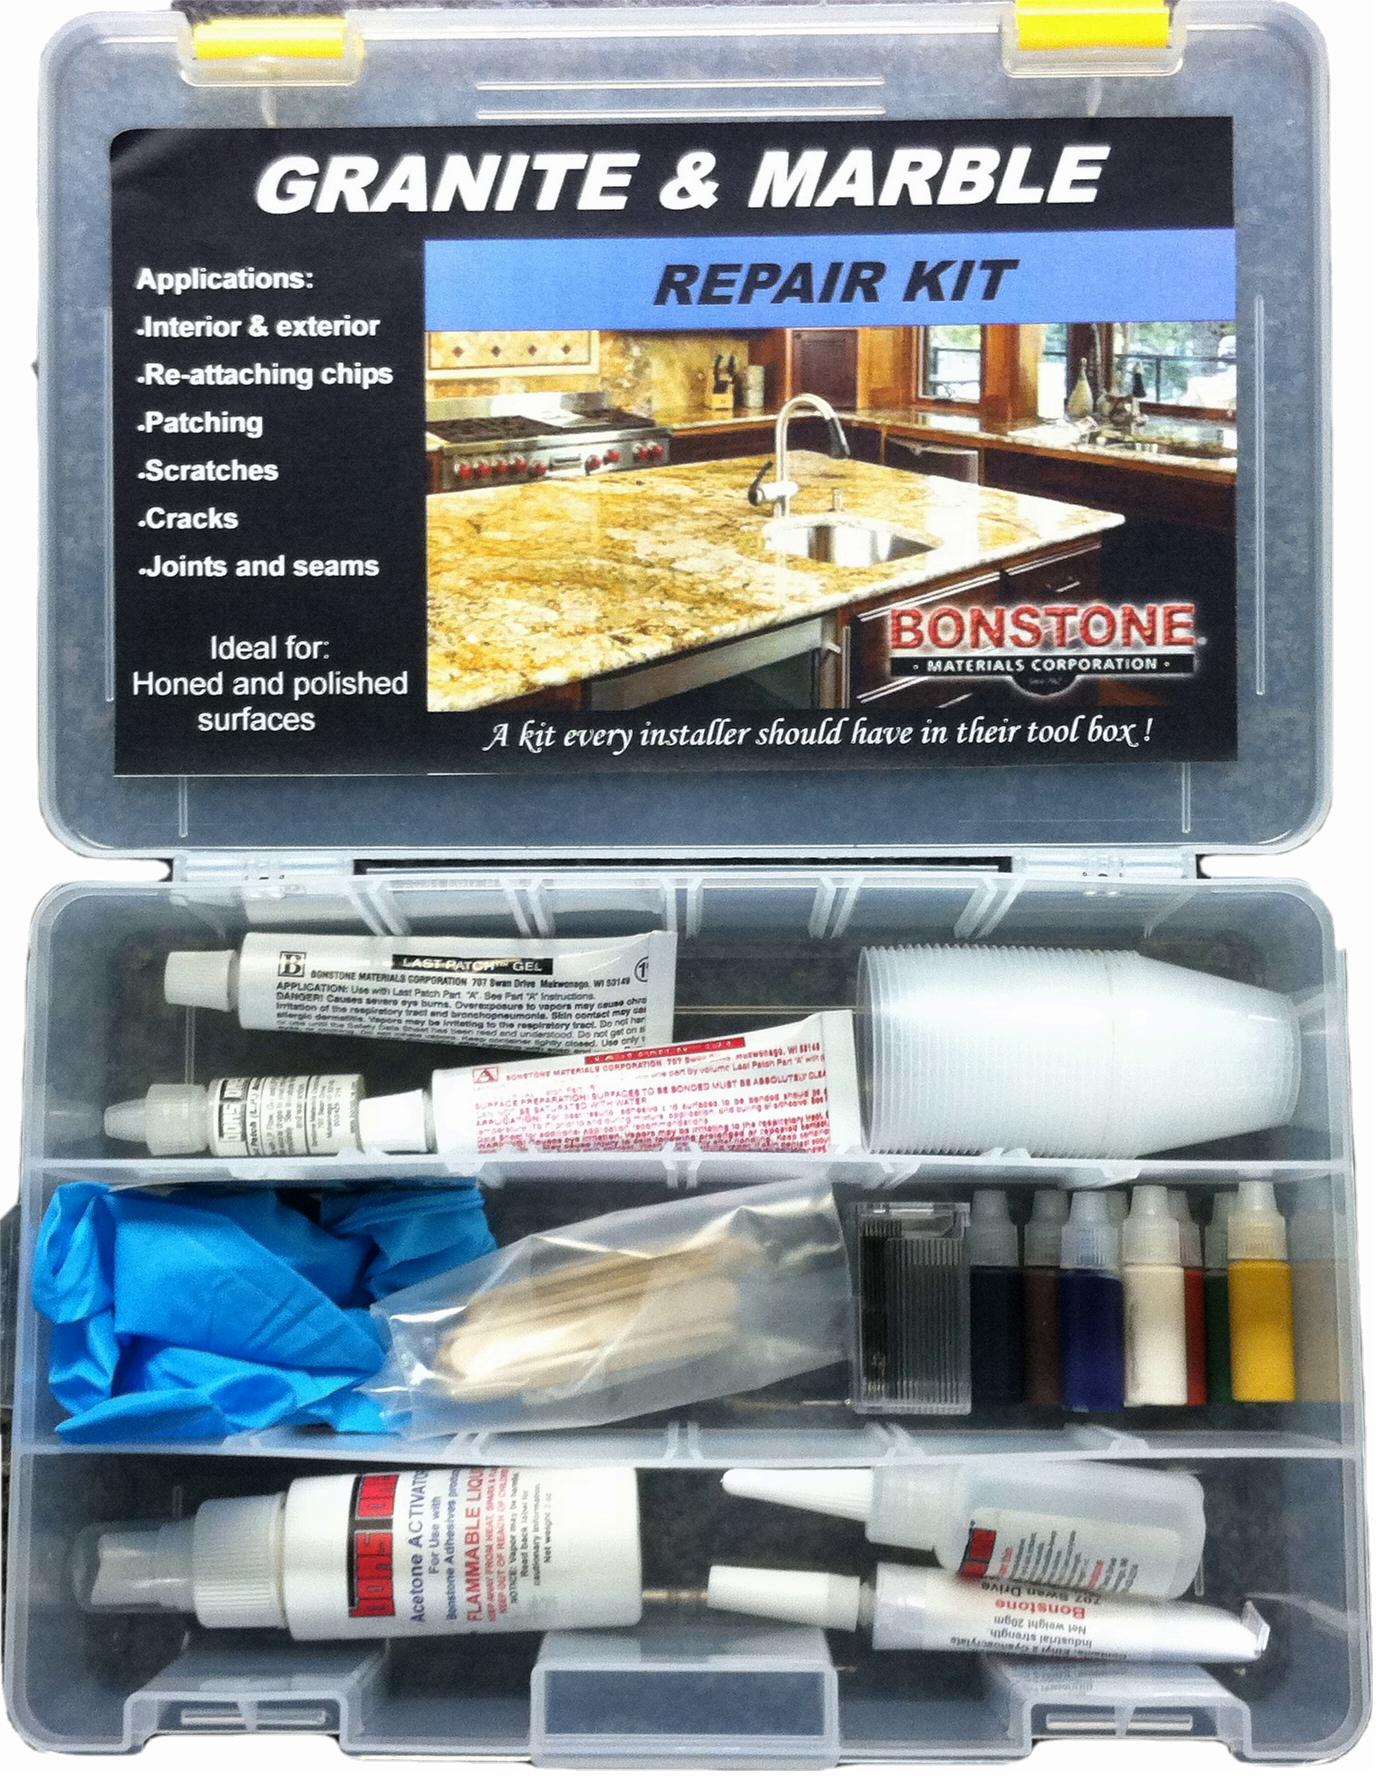 Granite And Marble Repair Kit Bonstone Materials Corporation